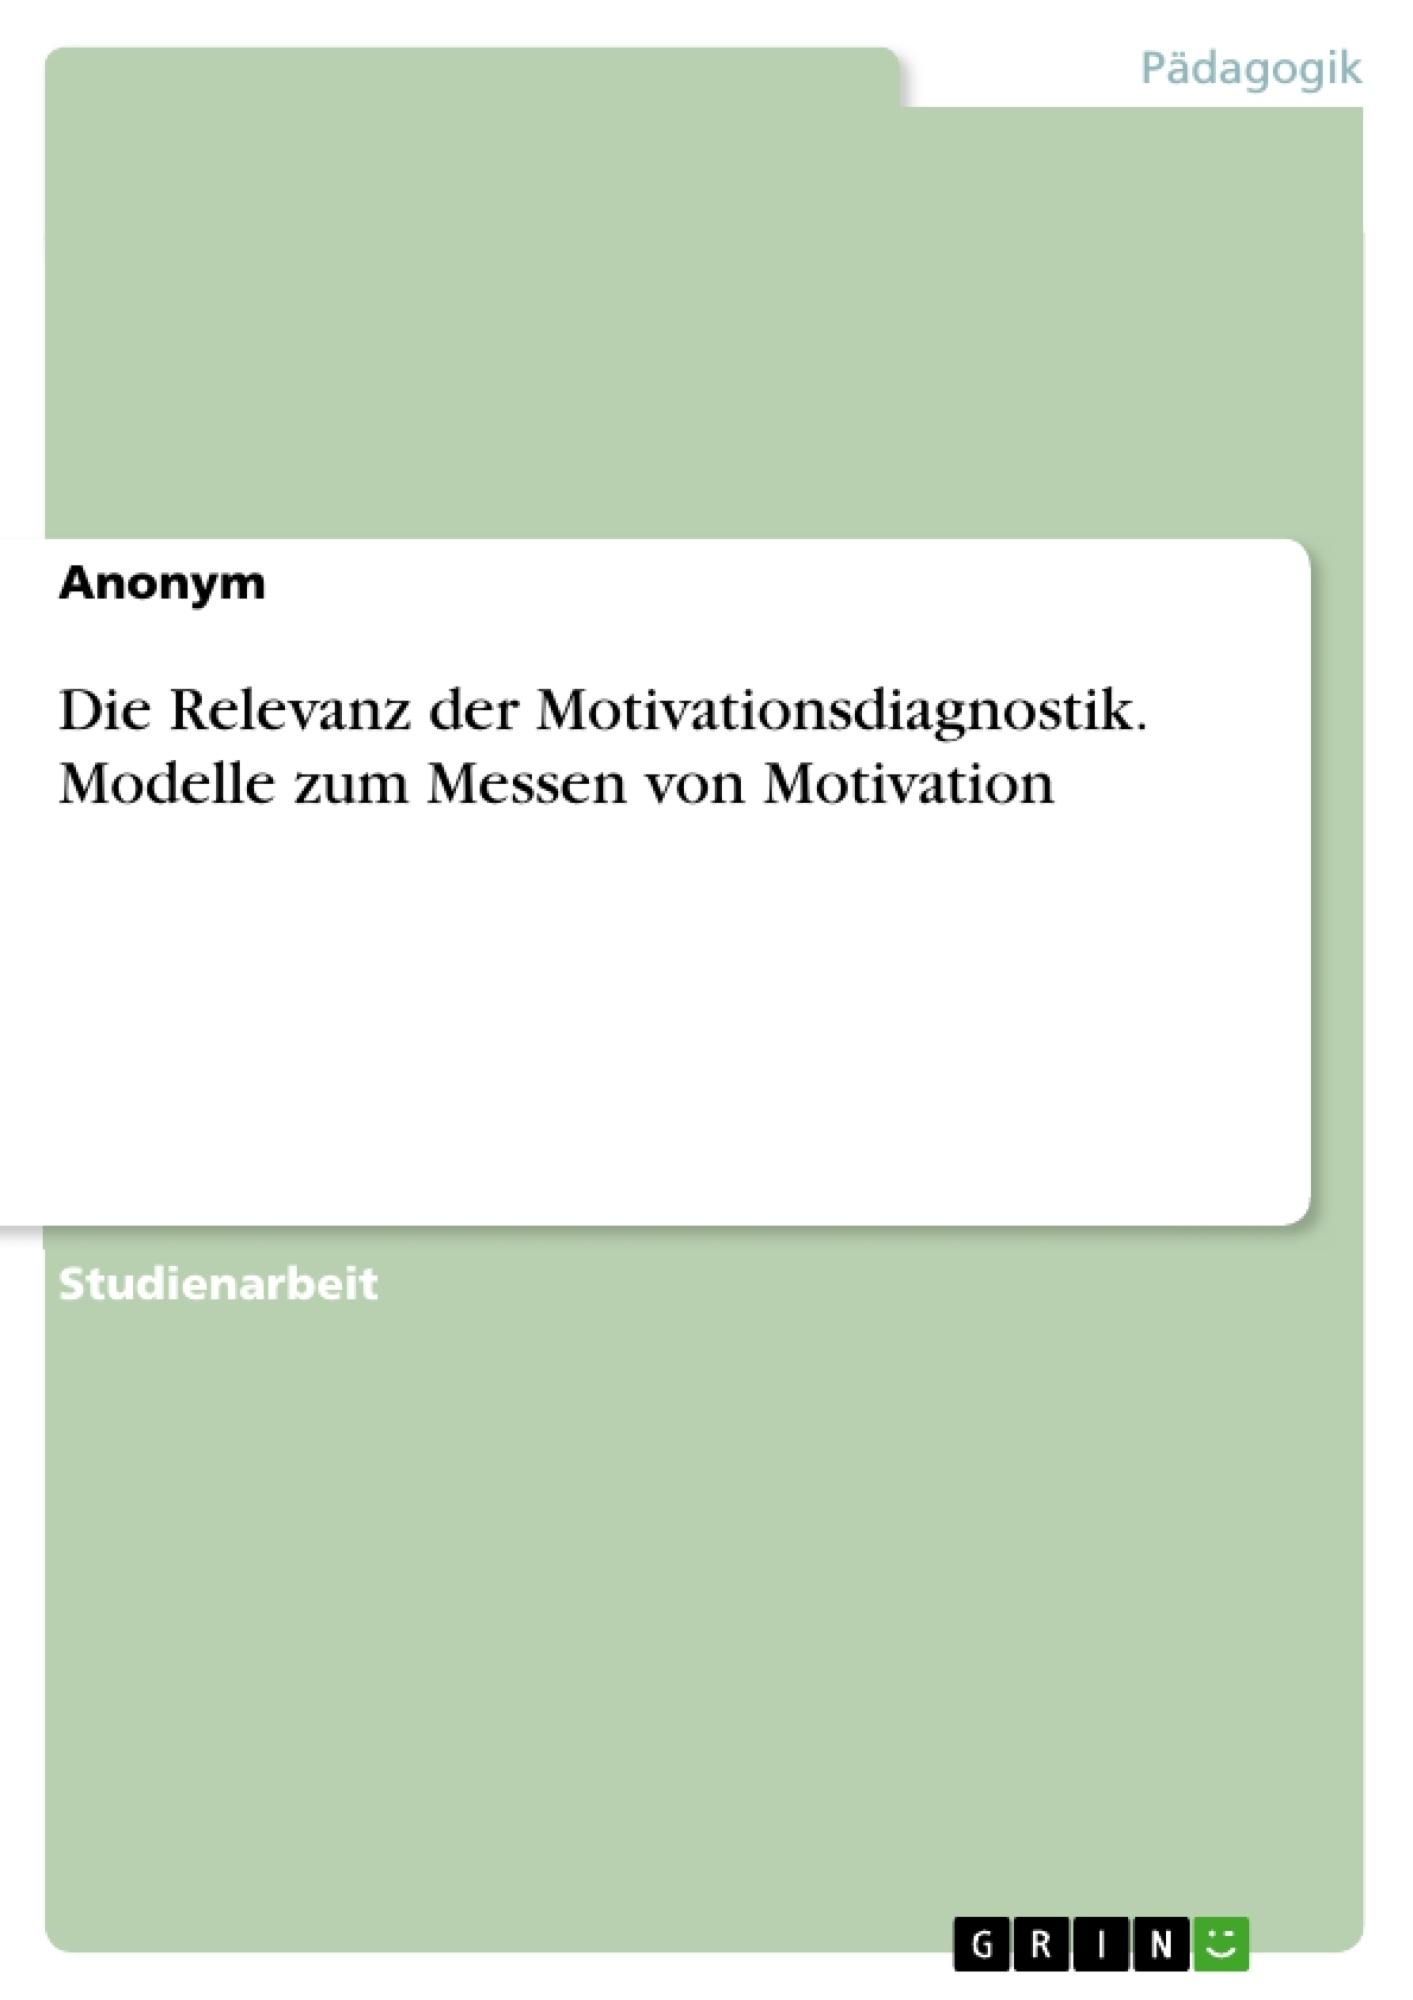 Titel: Die Relevanz der Motivationsdiagnostik. Modelle zum Messen von Motivation